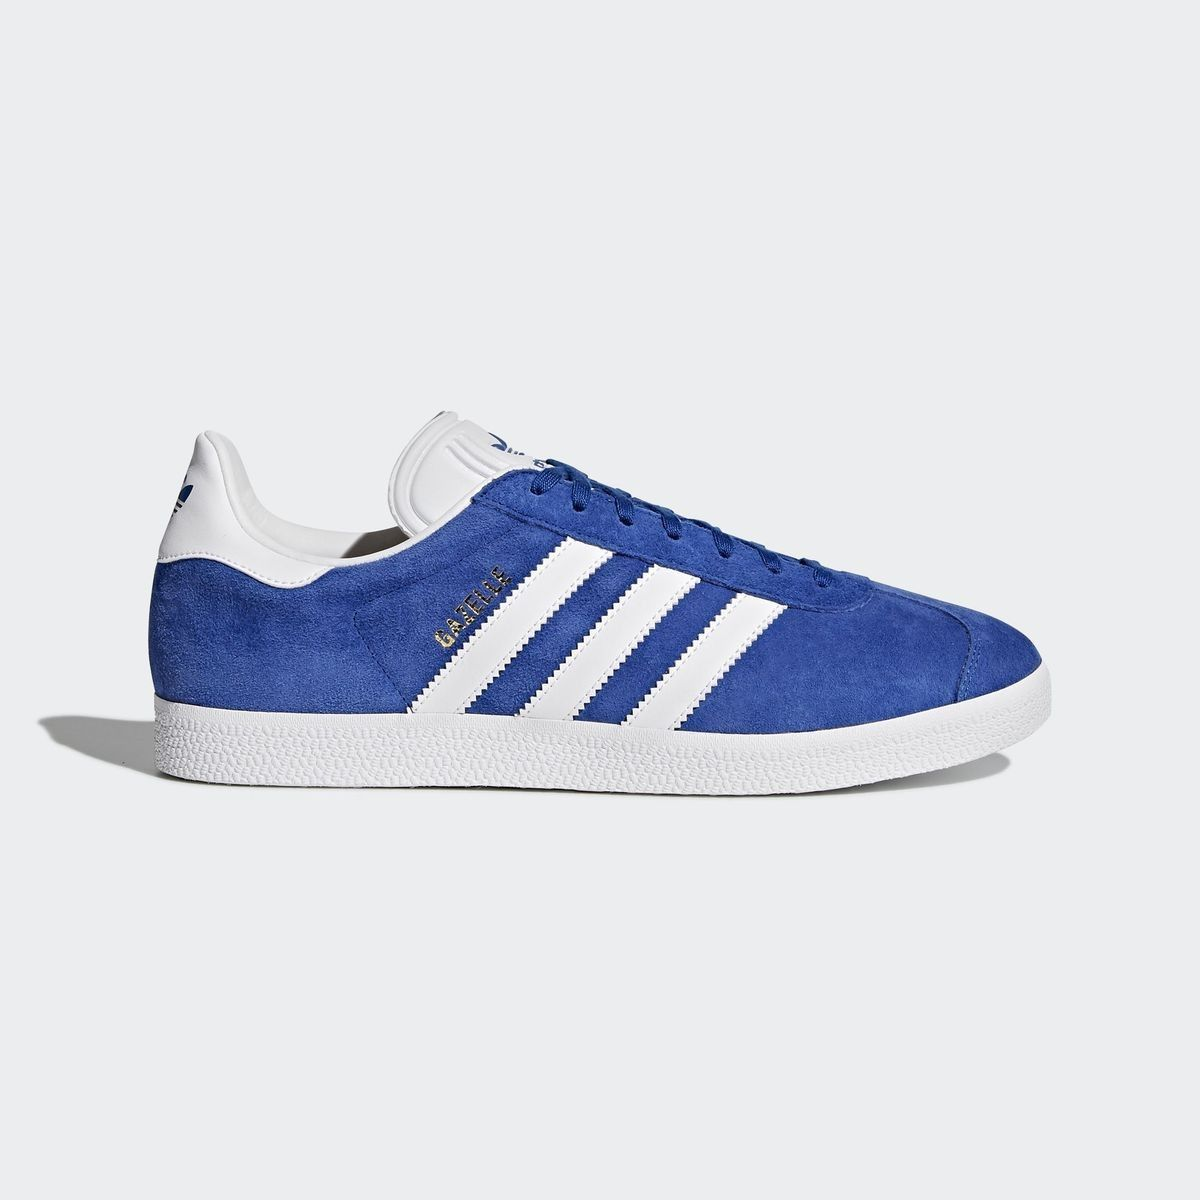 adidas gazelle bleu taille 43